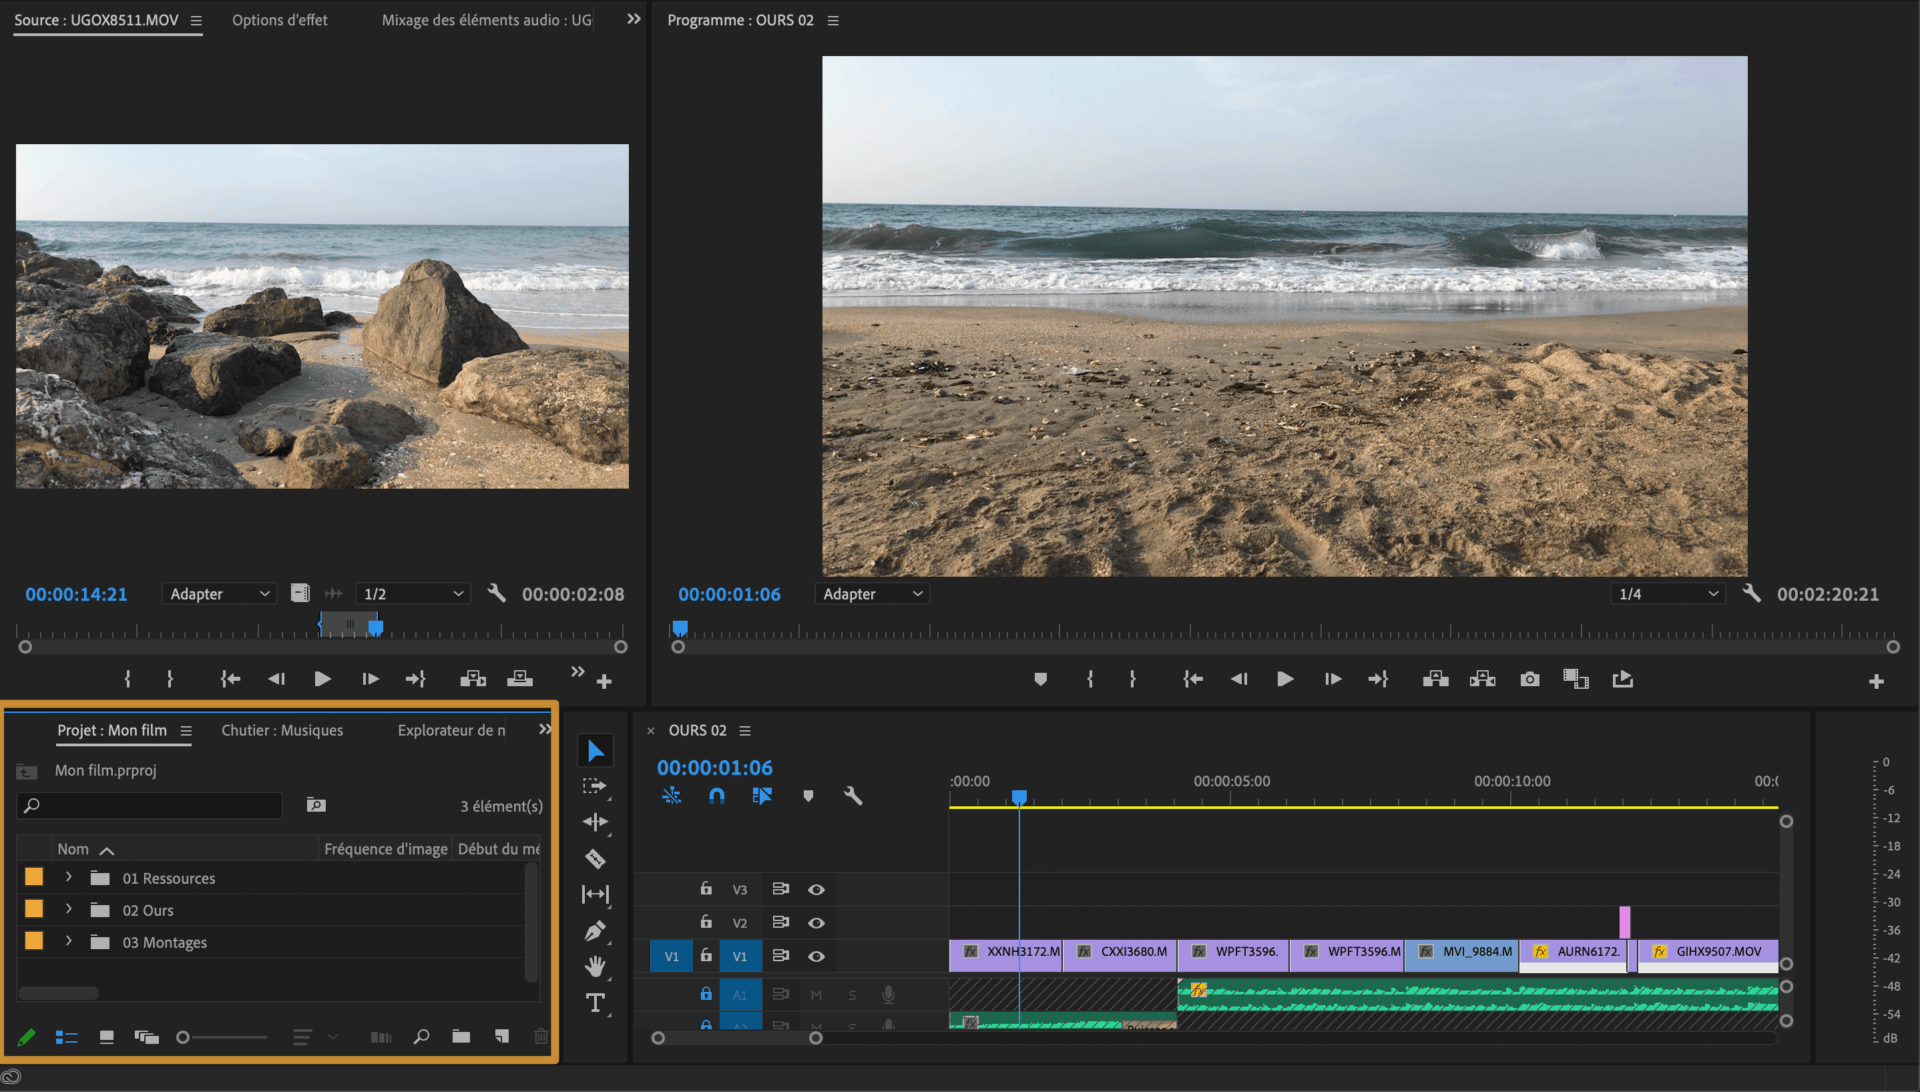 Comment faire une vidéo ? Espace de montage Chutier